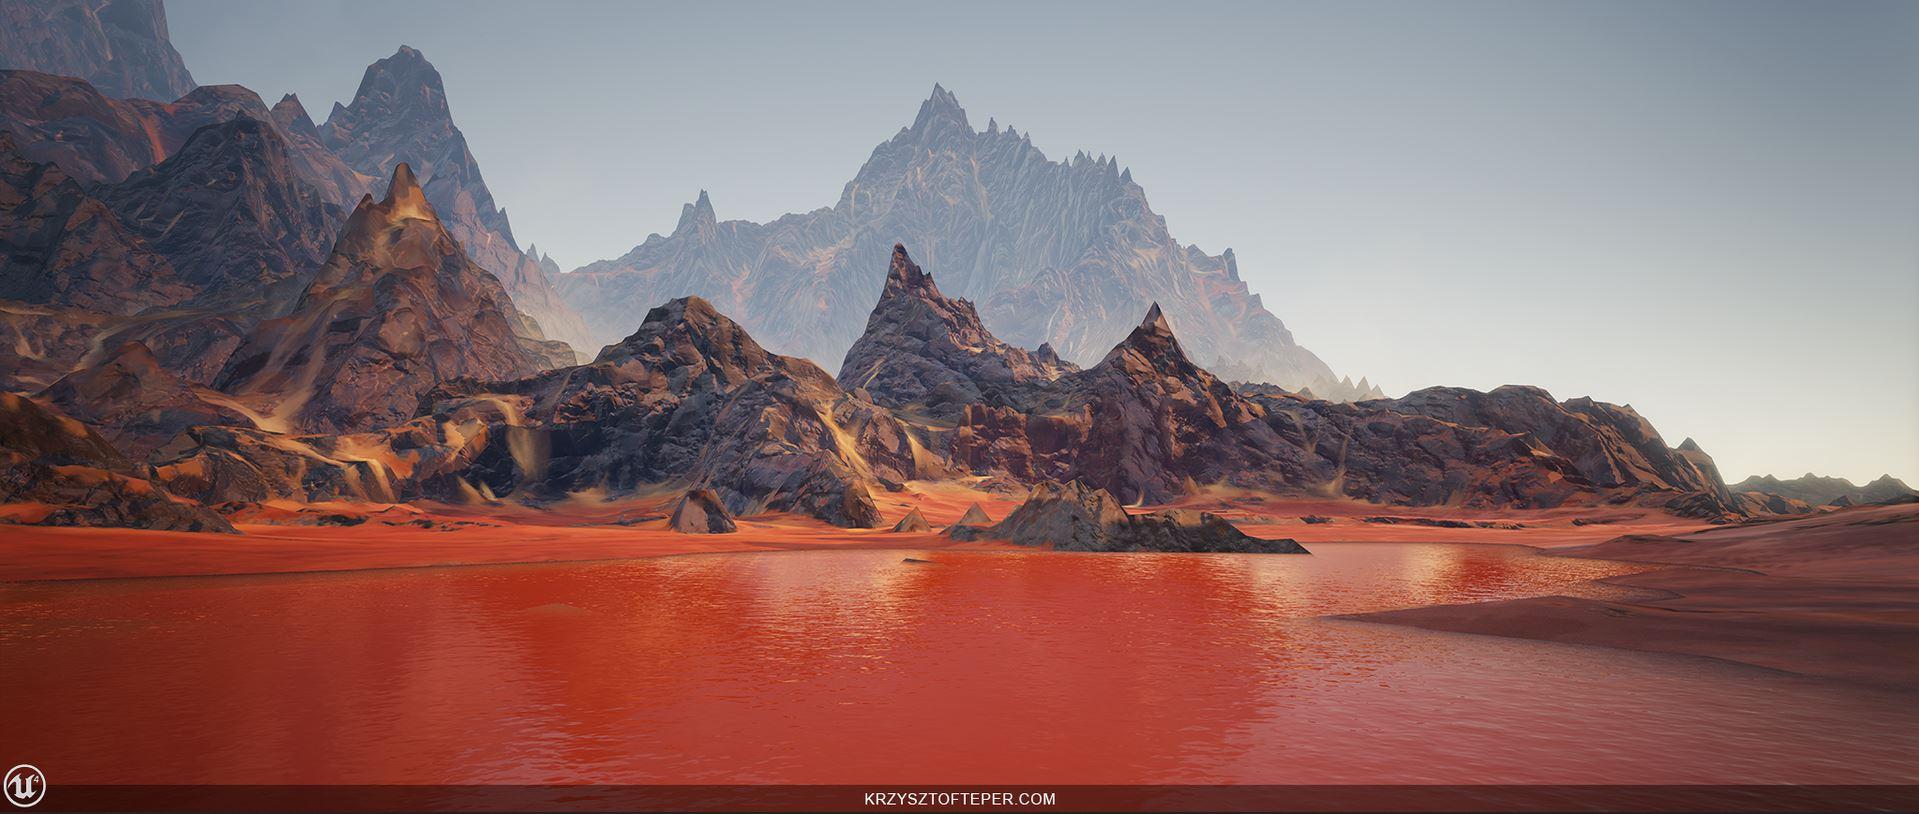 Zerrikania Wüste - Korath - Wasser rot wie Blut